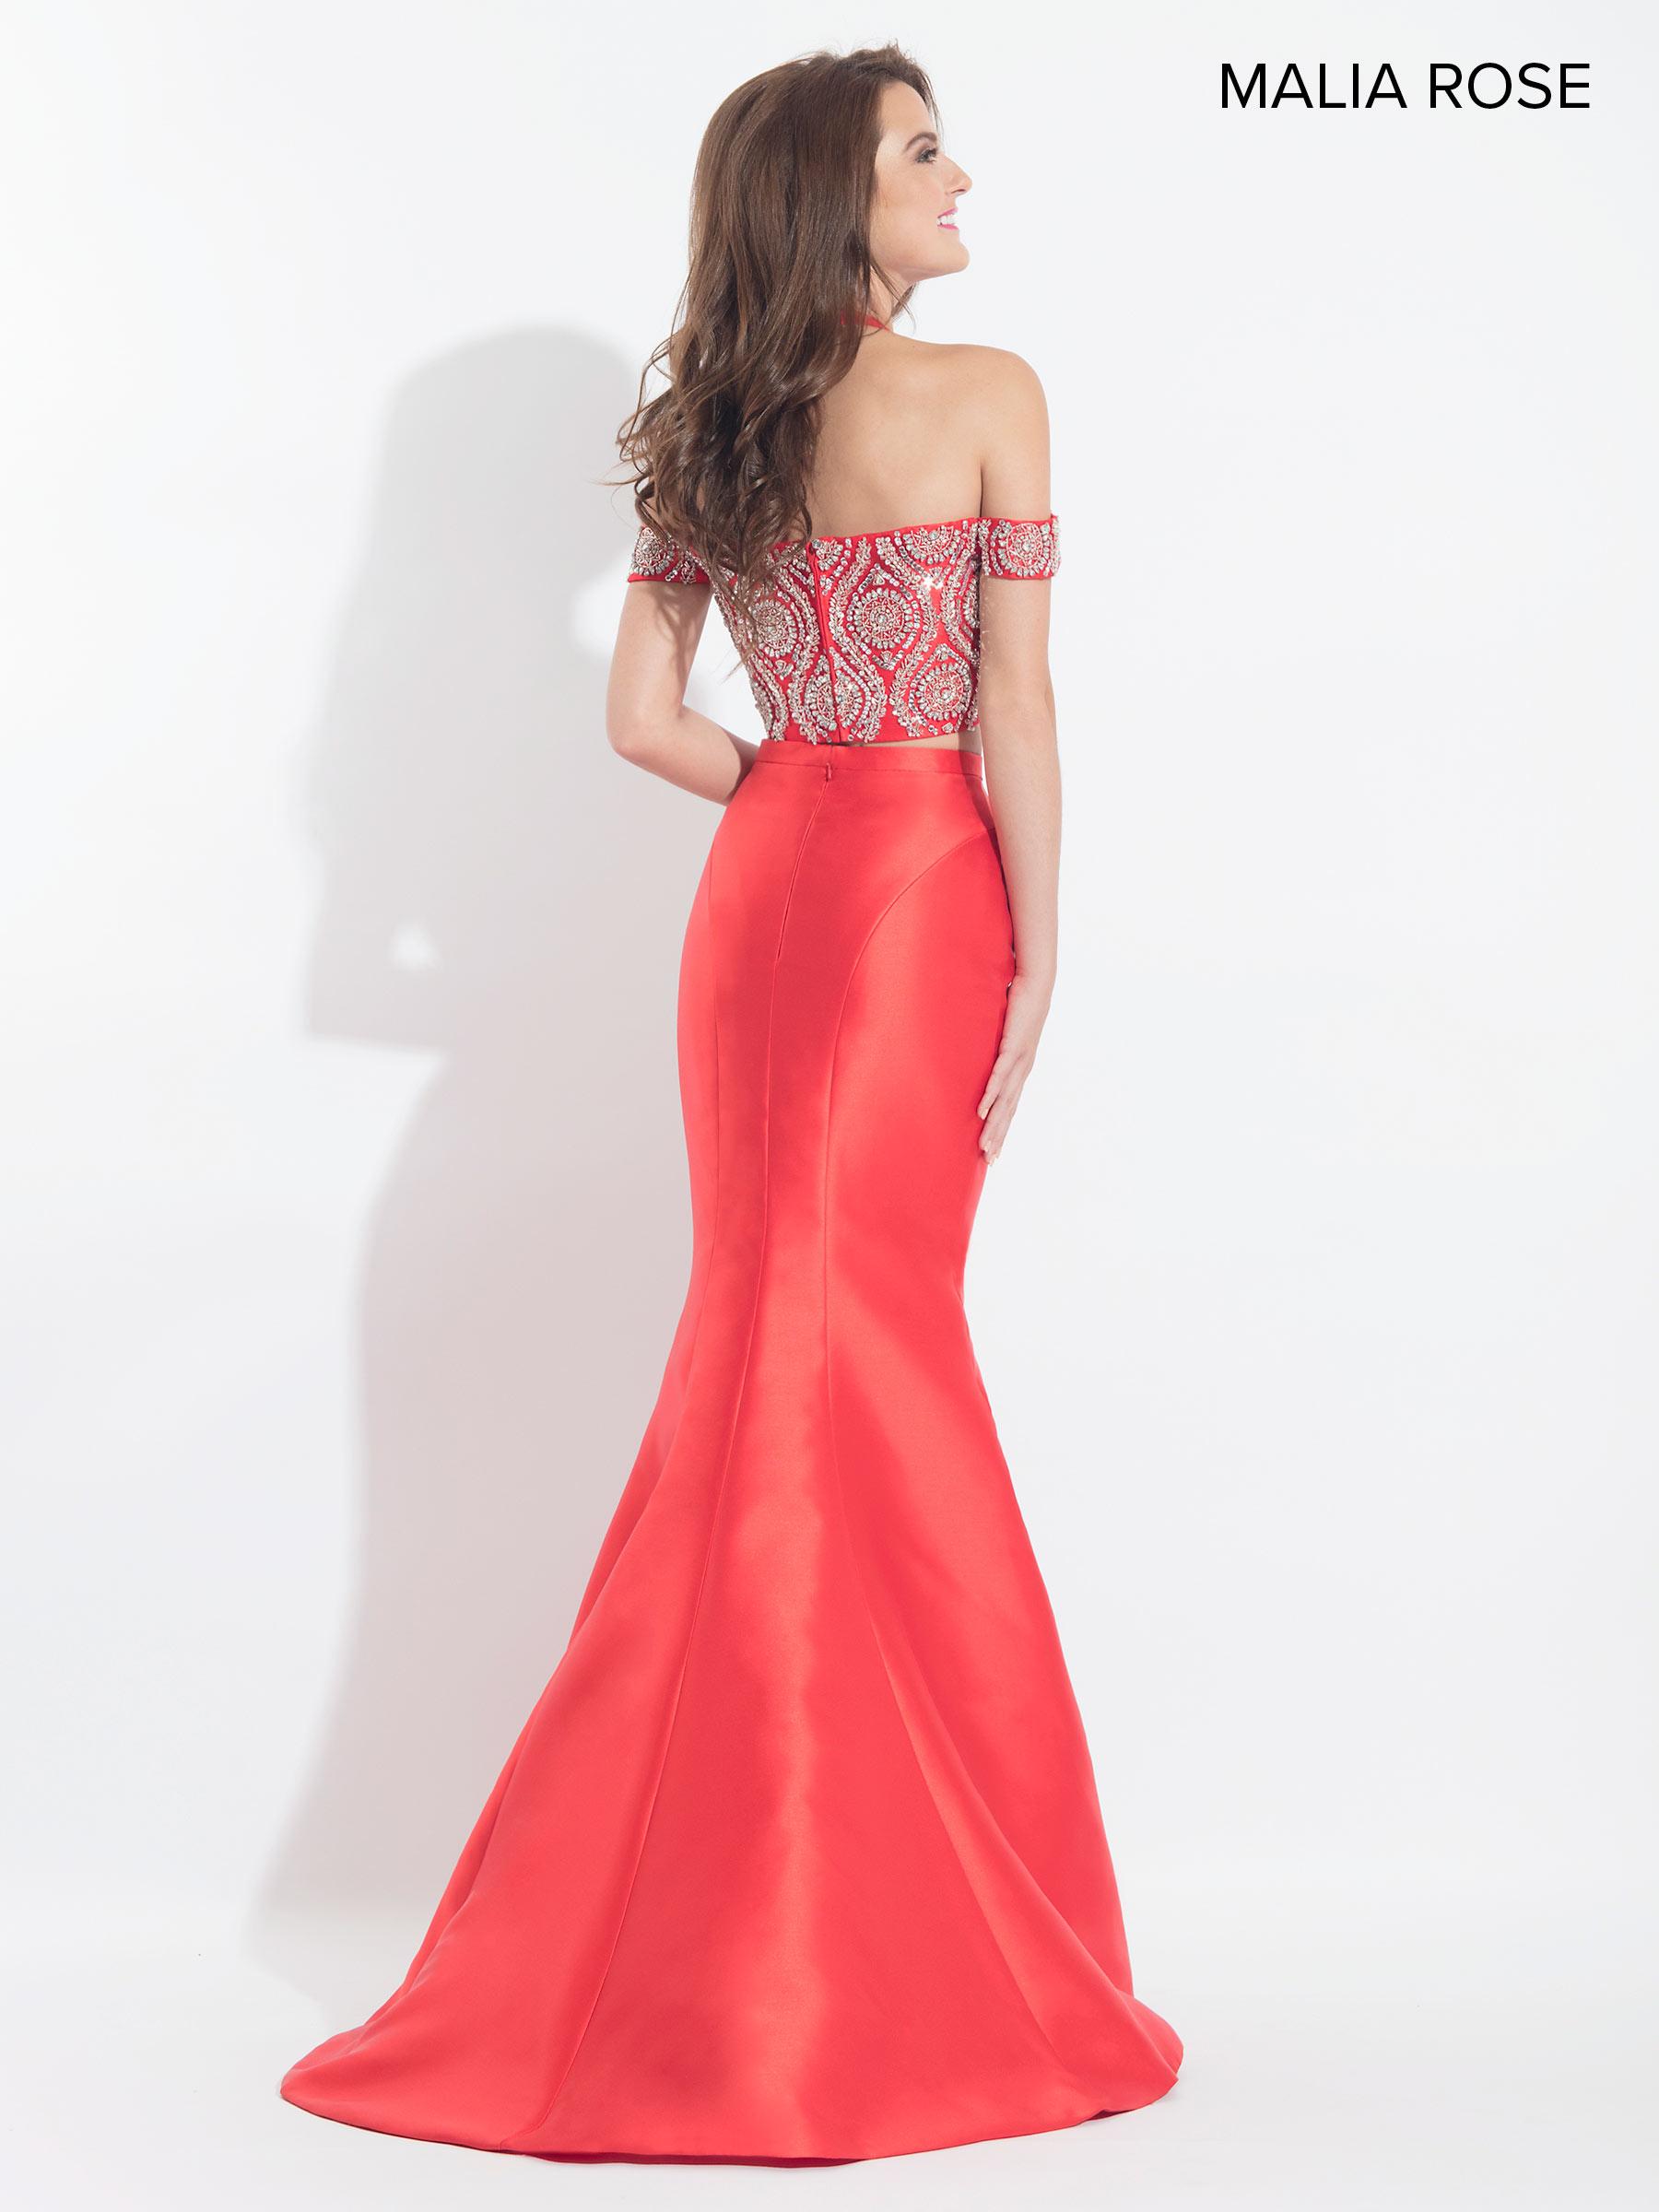 Malia Rose Prom Dresses | Malia Rose | Style - MP1026